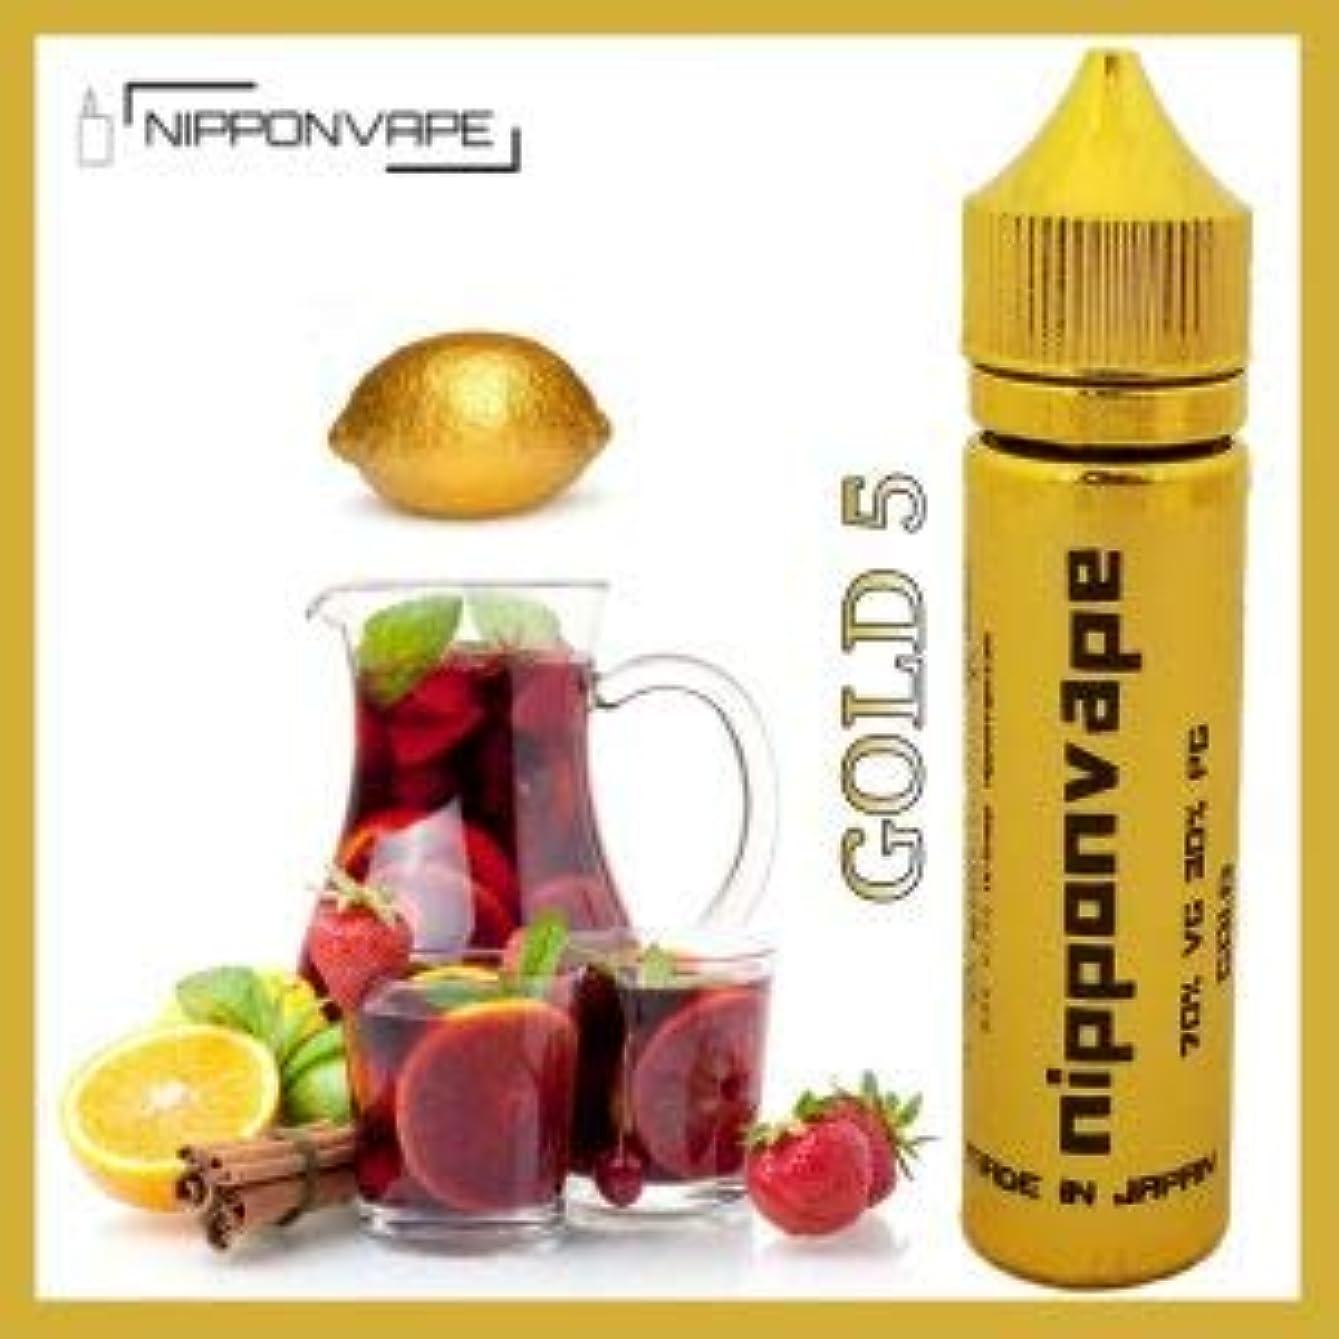 英語の授業があります原稿アンプ60ML 電子タバコ リキッド レモン サングリア プレミアム ゴールド シリーズ LEMON SAGRIA NIPPONVAPE GOLD 5